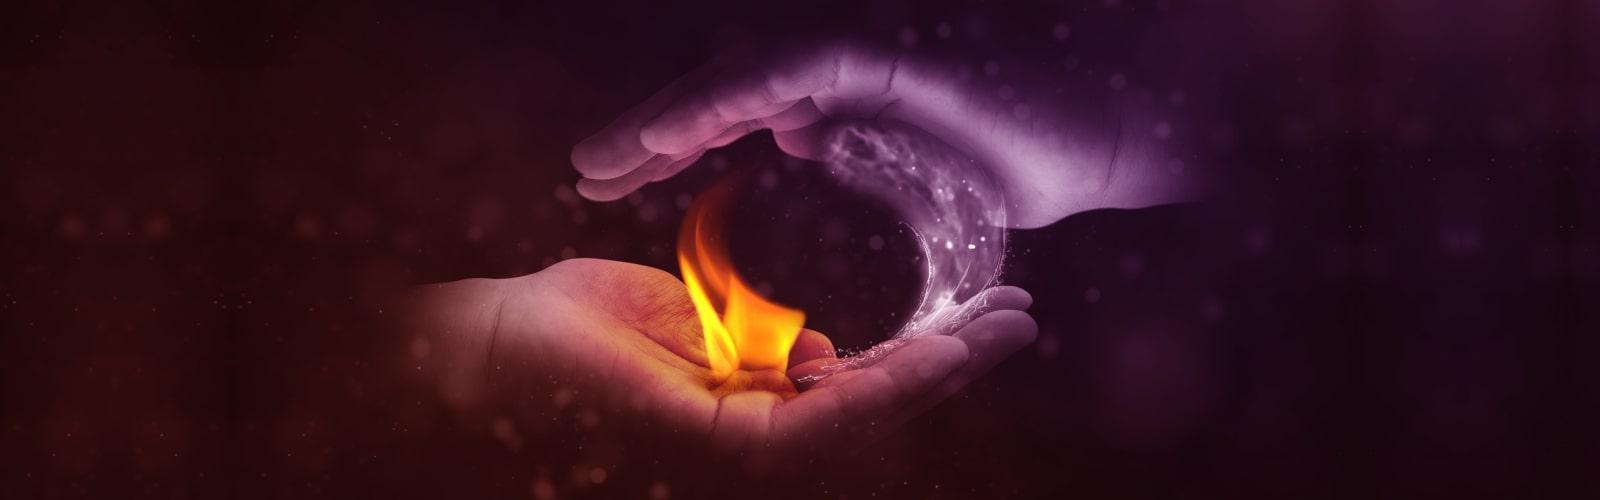 cerchio energetico - Ti piacerebbe entrare in contatto con la tua energia vitale?